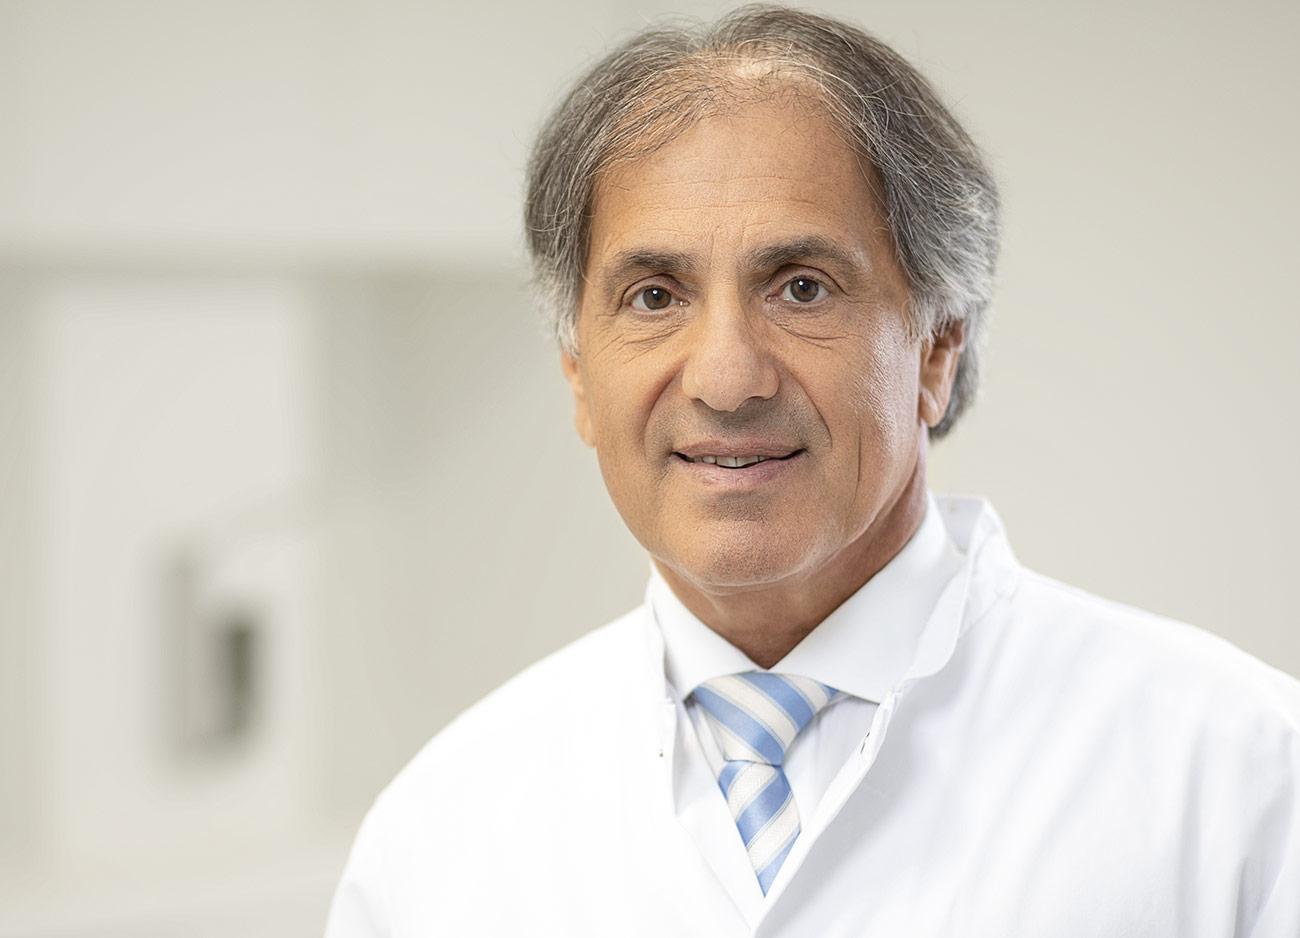 Prof. Dr. med. Thomas Ruzicka - Dermatologie im Isarklinikum